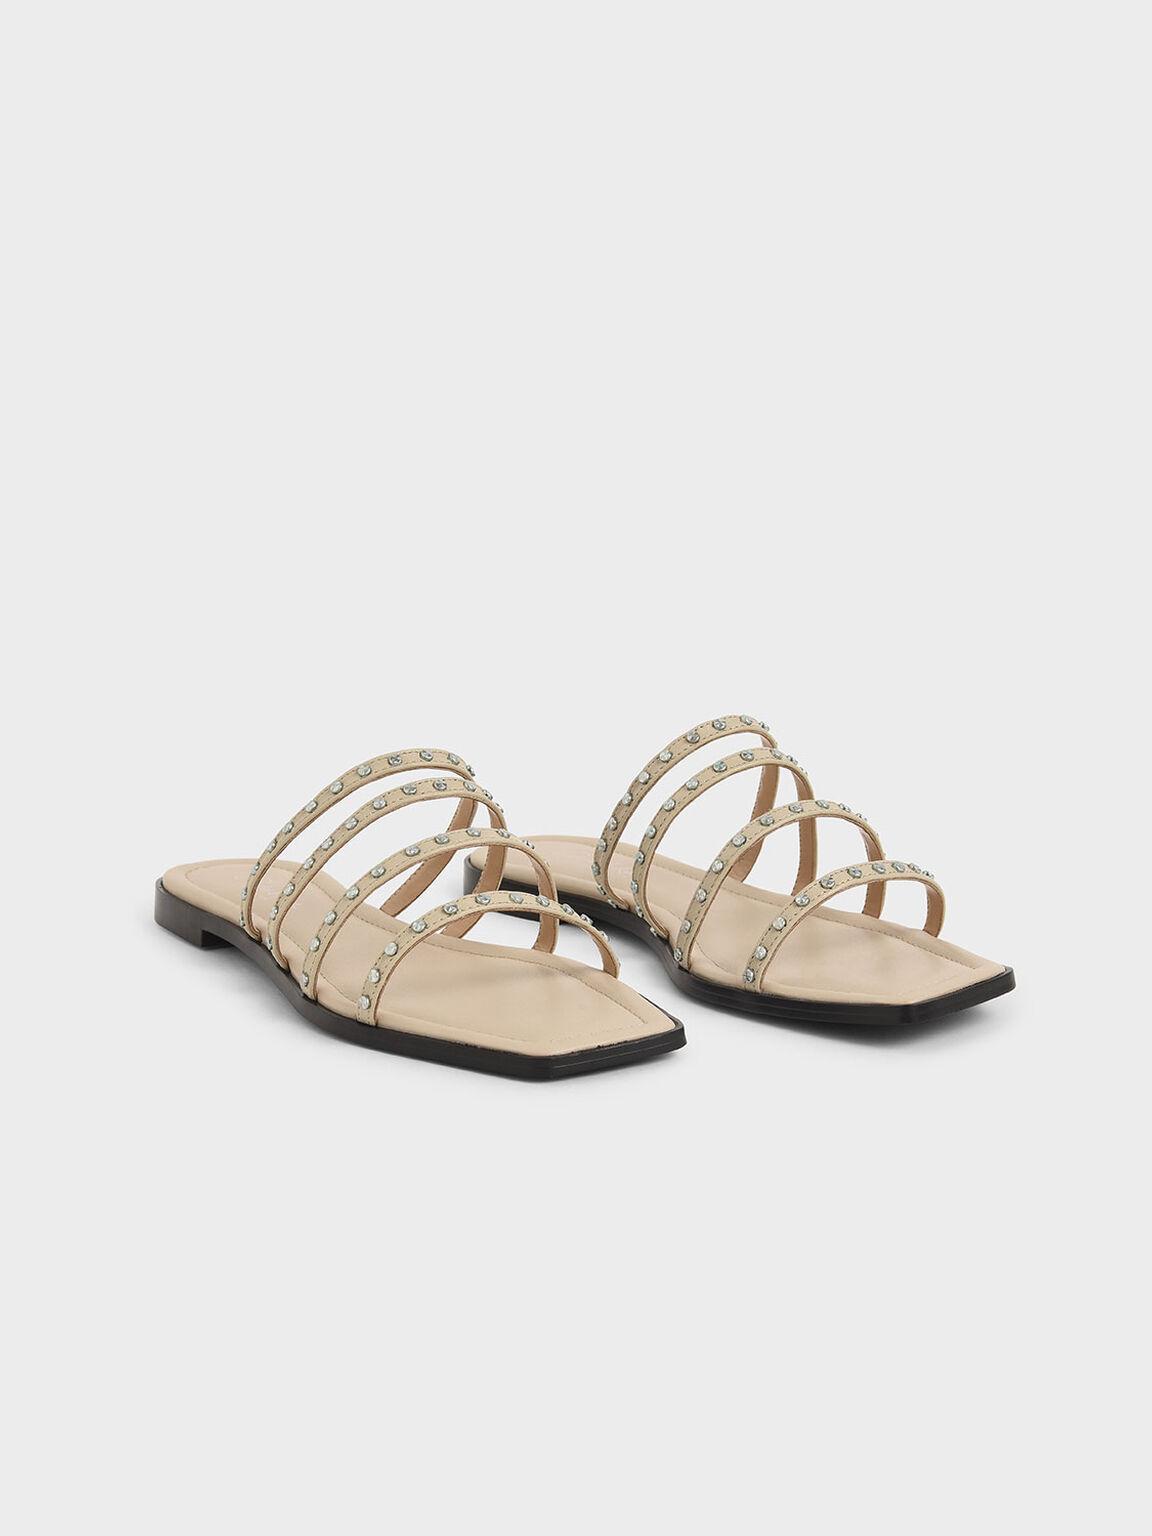 Studded Leather Flat Sandals, Beige, hi-res